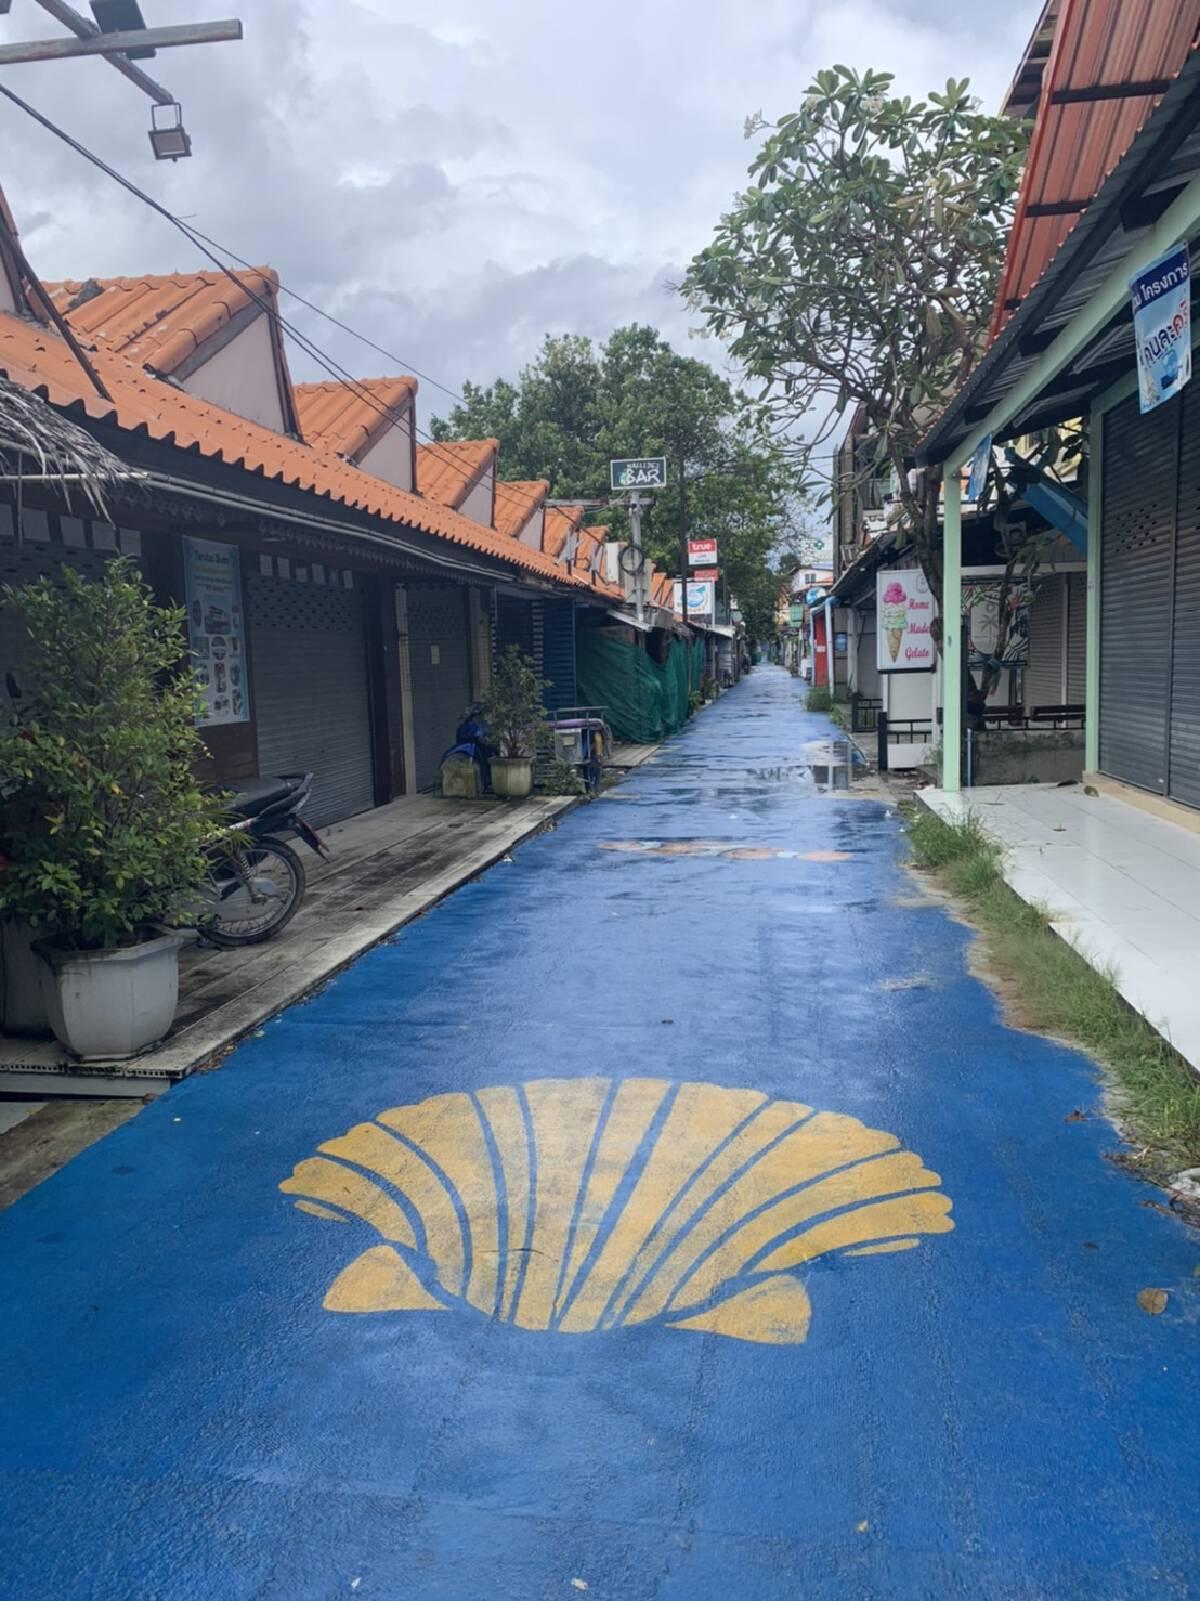 ถนนคนเดินบนเกาะหลีเป๊ะที่รอนักท่องเที่ยวกลับไปเยือน